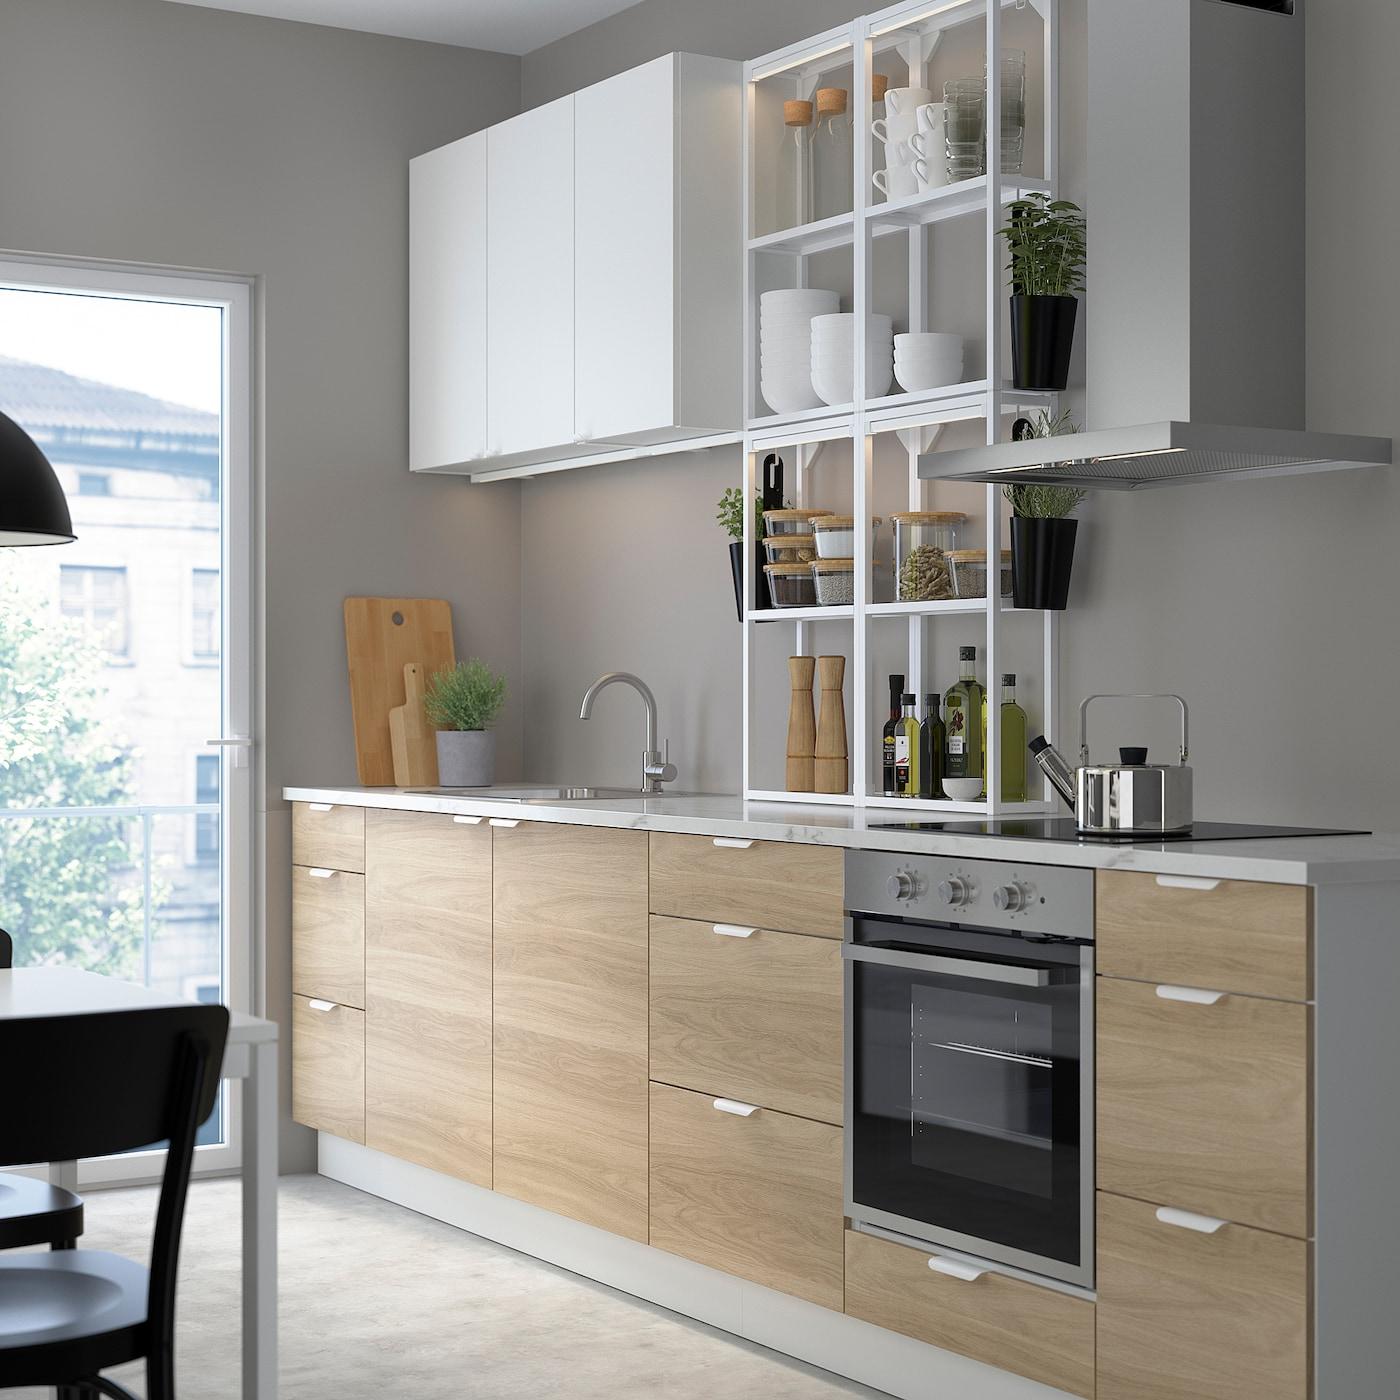 Enhet Keuken Wit Eikenpatroon Wit Ikea